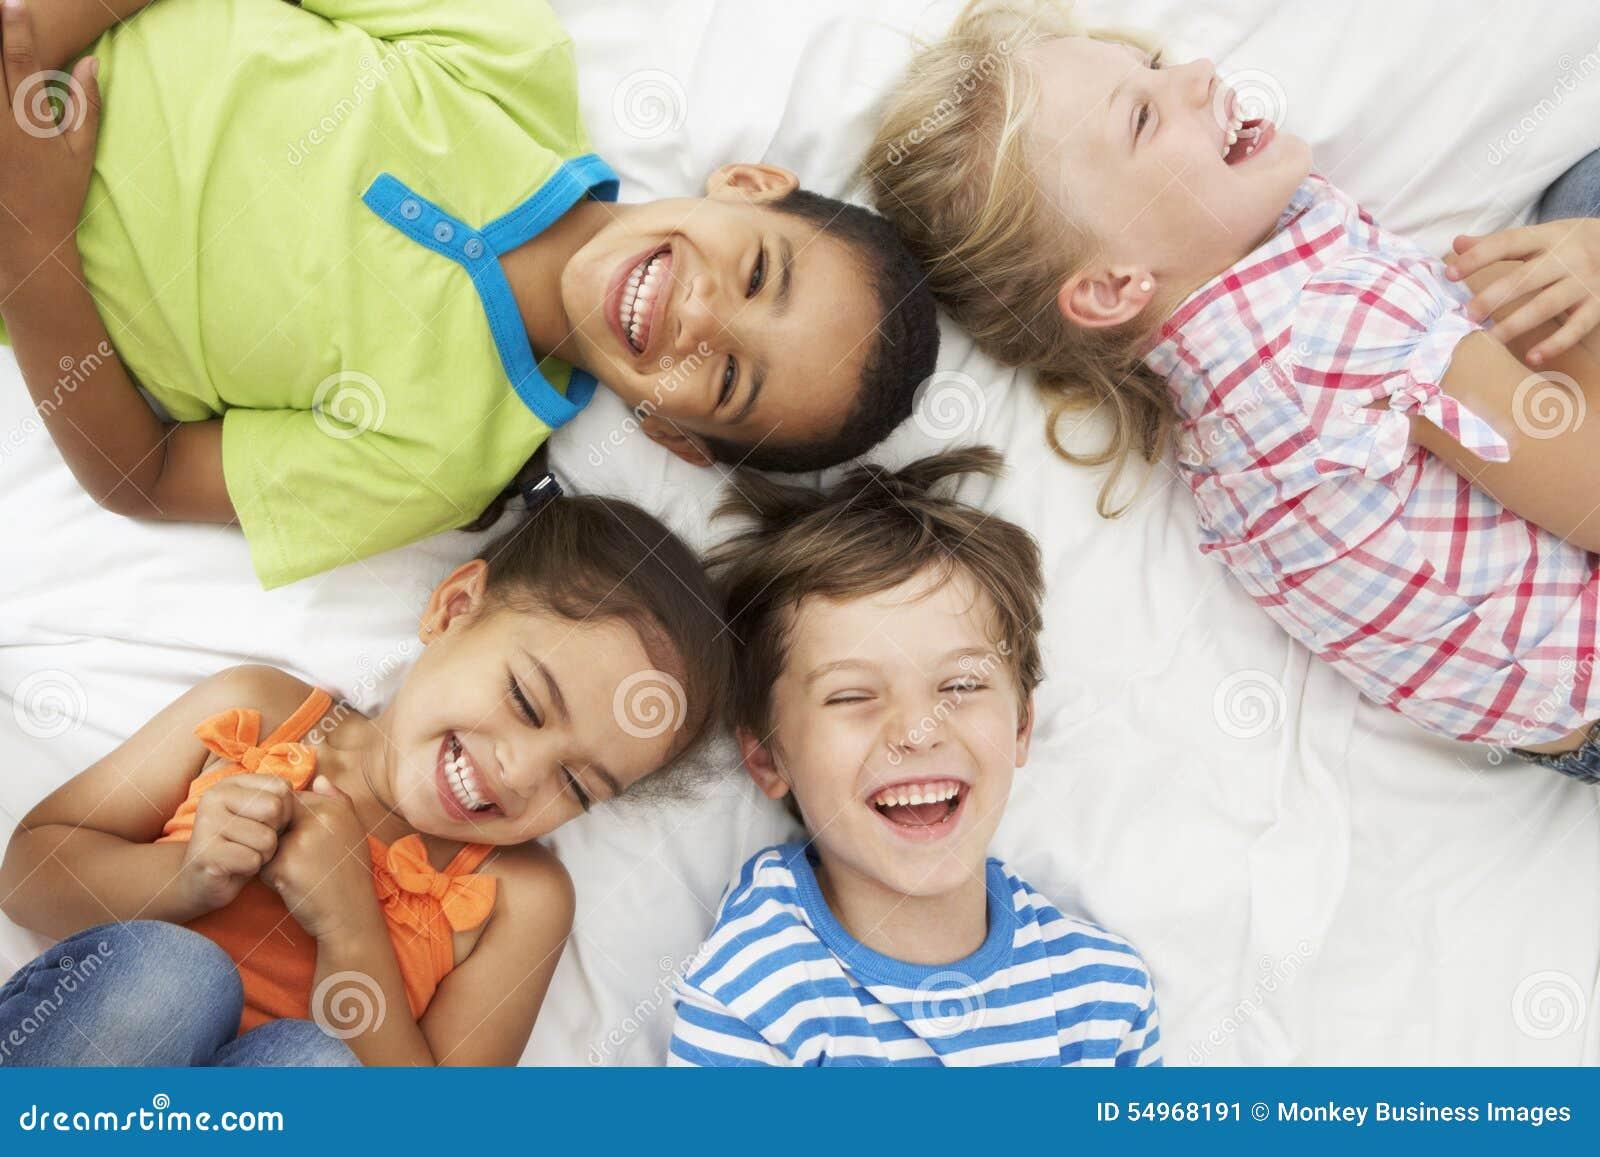 Över huvudet sikt av fyra barn som spelar på säng tillsammans